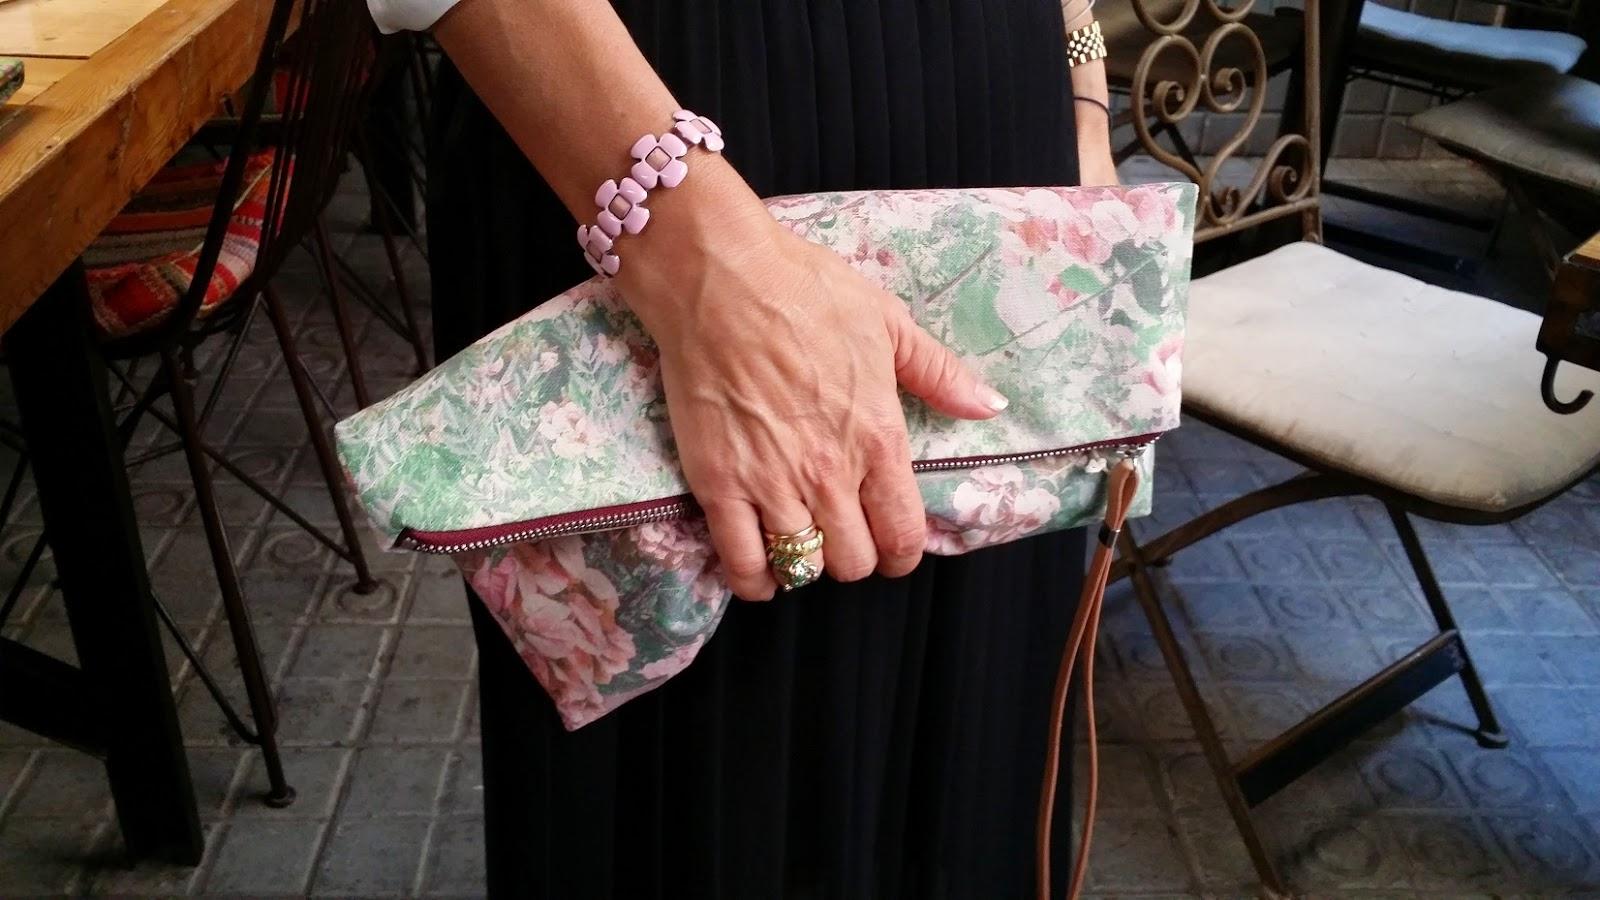 Mint and Rose, Ouibyou, Zubi, El Patio del Fisgón, street style, bag, fashion style, evento moda, Carmen Hummer, blog de moda